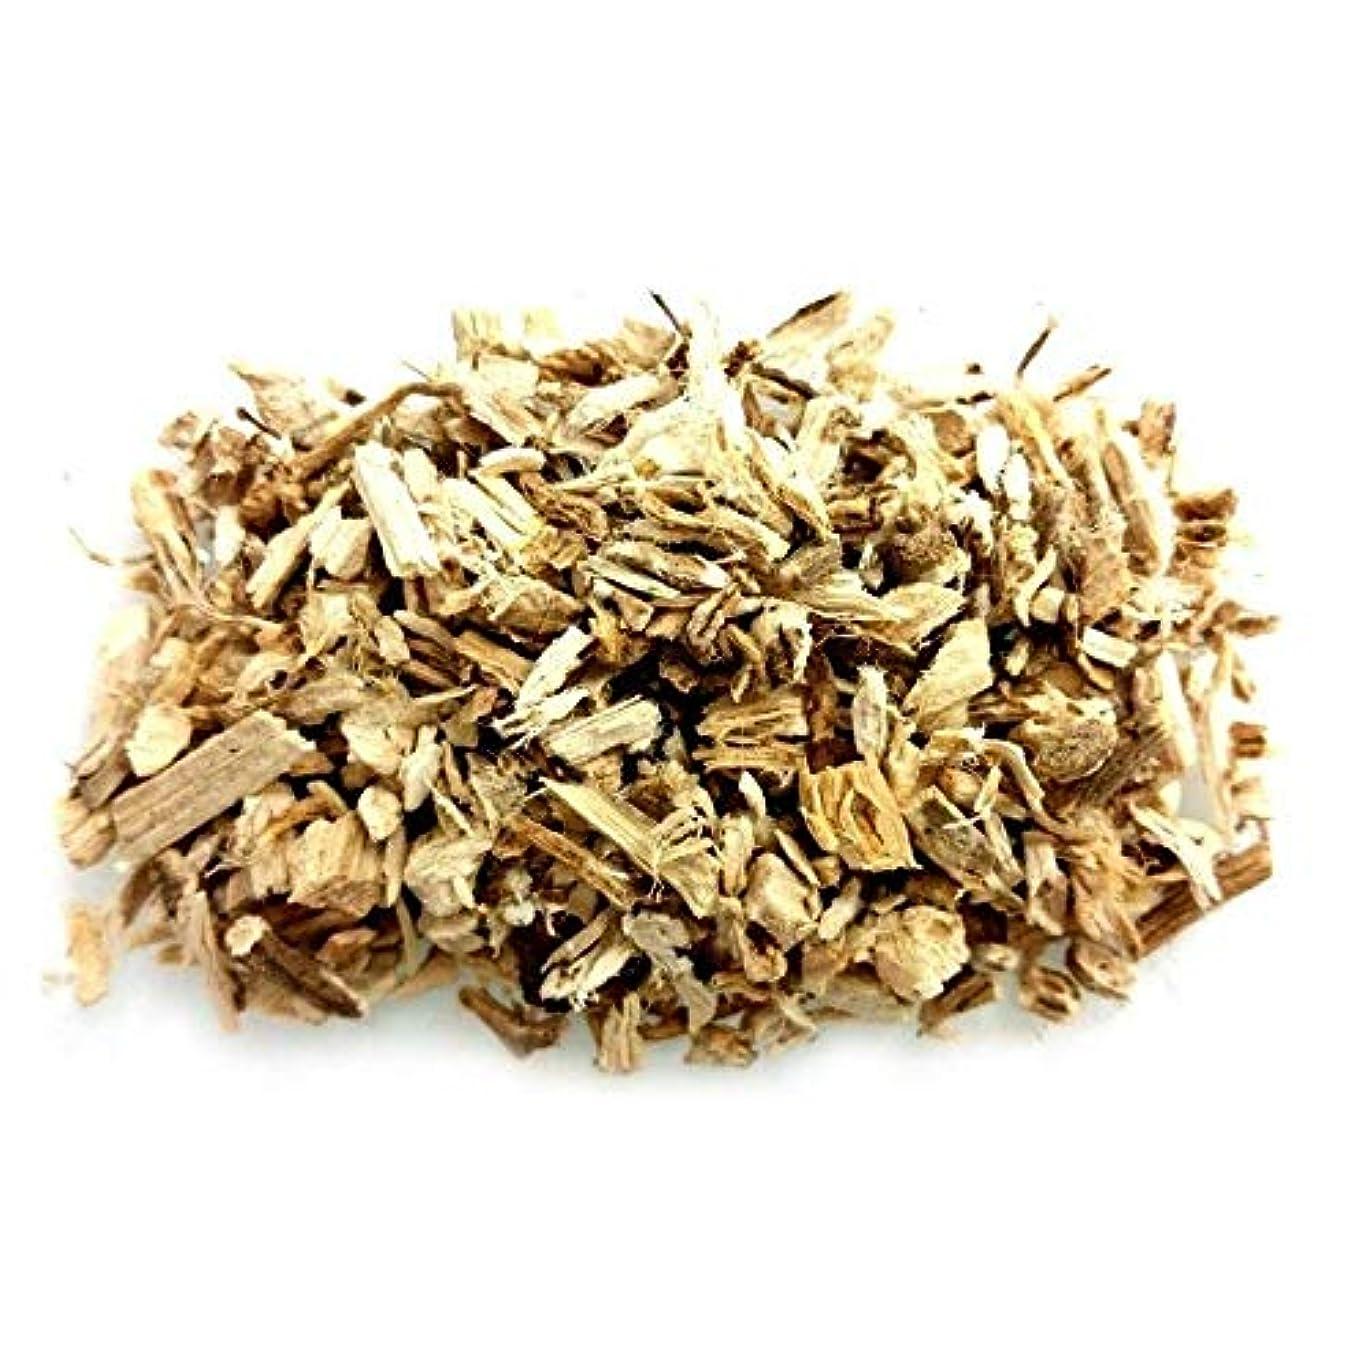 どっちでも追い出す受賞種子パッケージ:ルート-IncenseフレグランスMagikal Seedion儀式ウィッカパガン